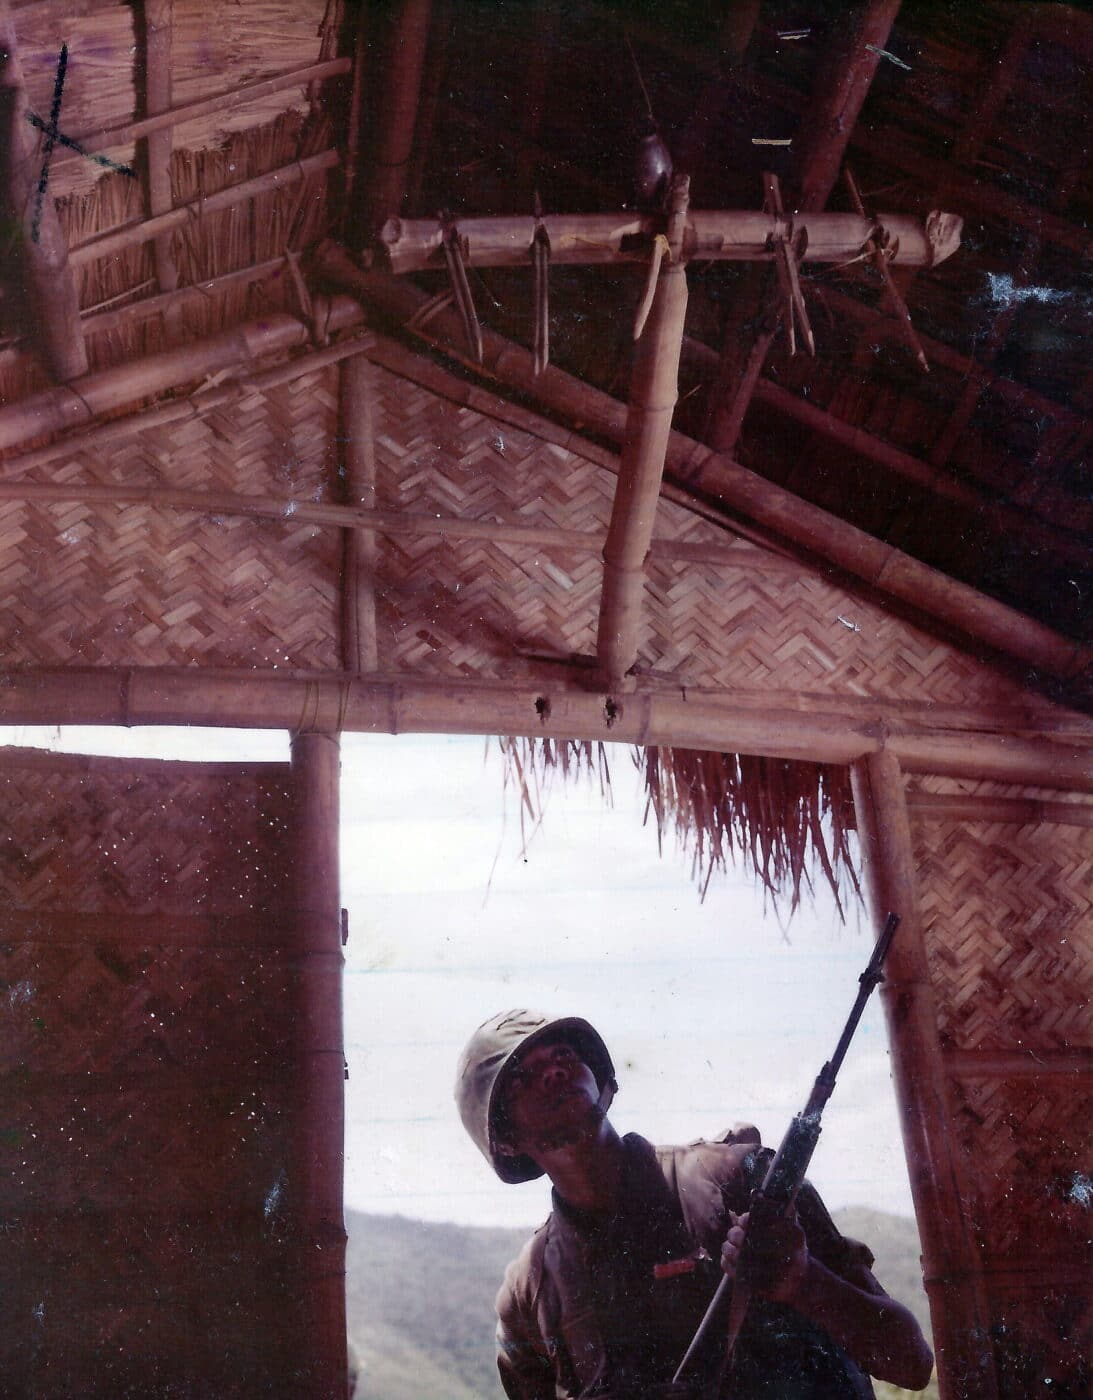 Deadfall trap demonstrated during the Vietnam War